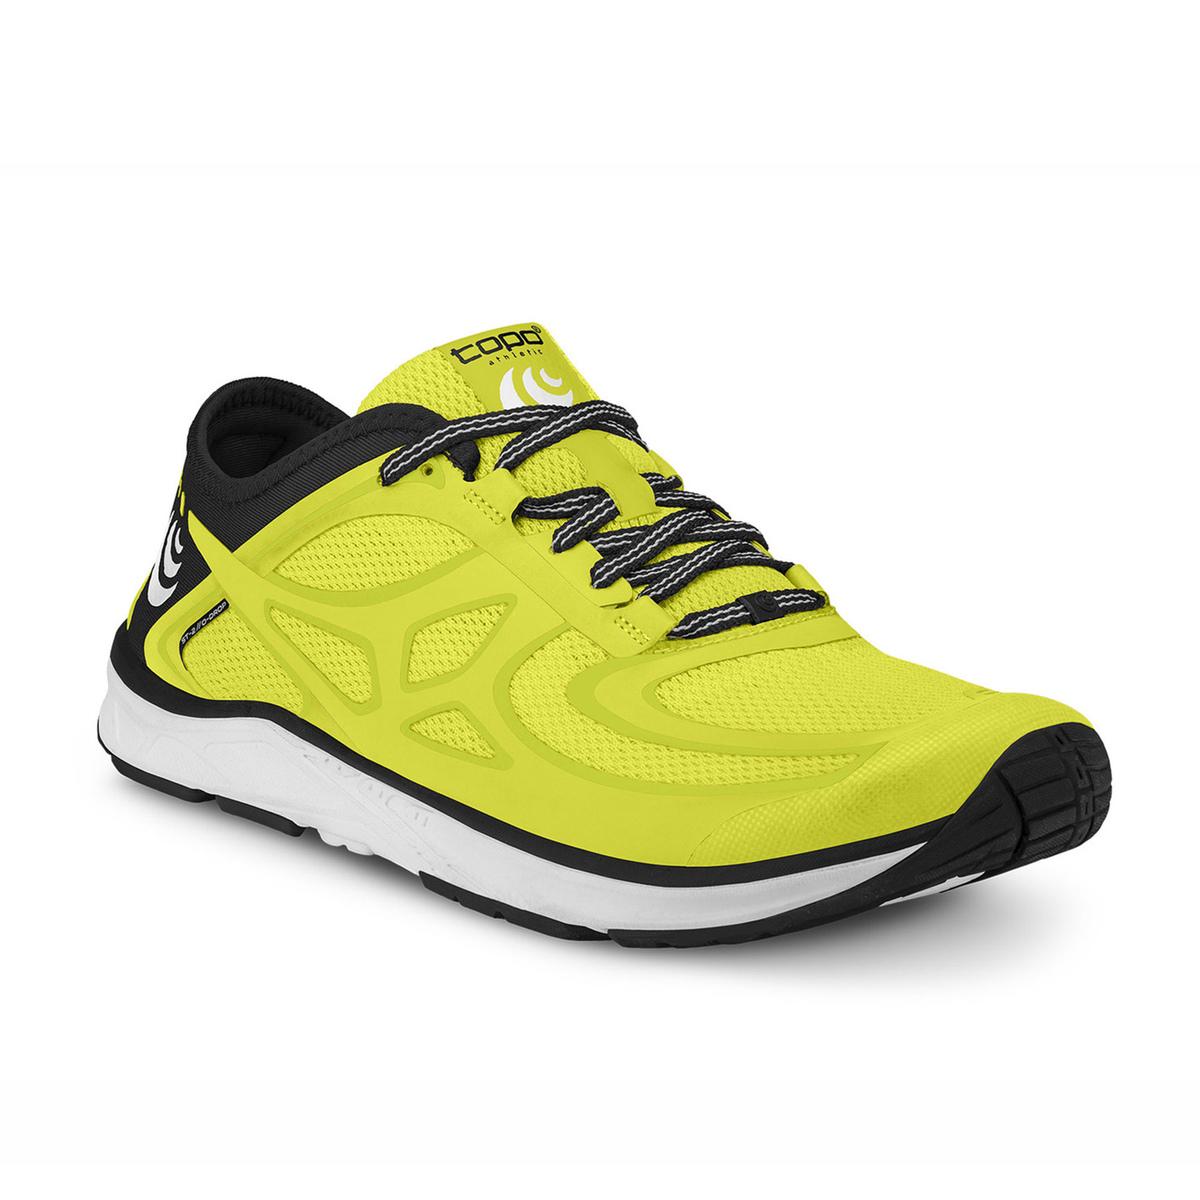 Descrizione  Le scarpe running Topo Athletic ST-2 sono leggere e sicure acd4b55396c